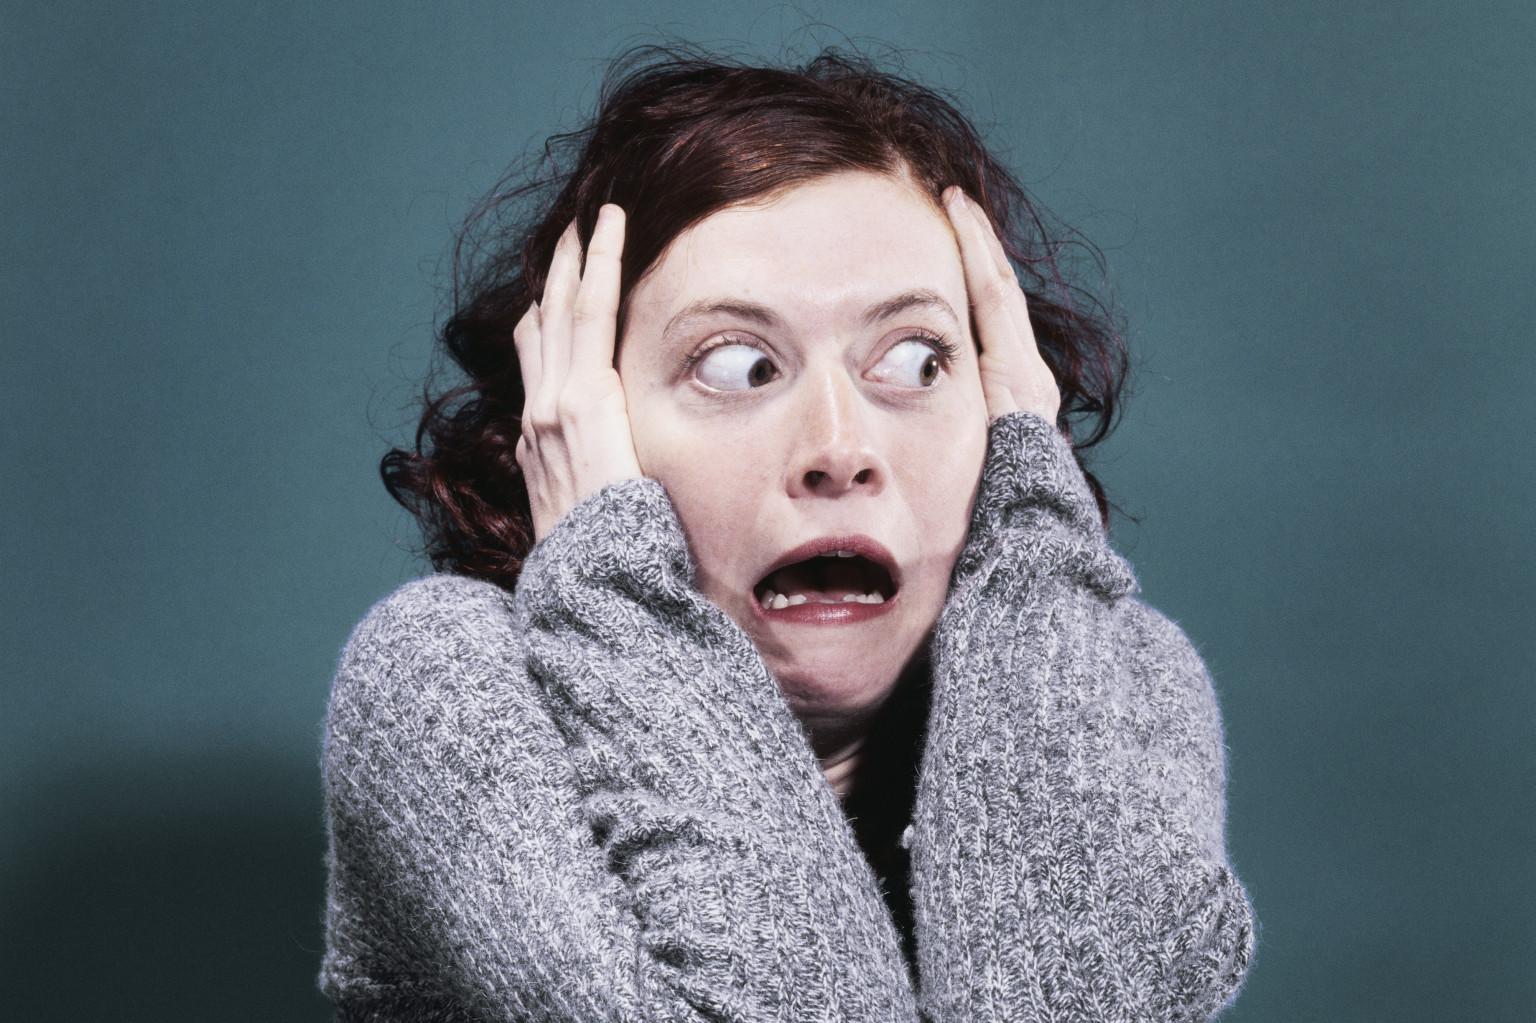 Comment vaincre la phobie sociale avec l'hypnose ?